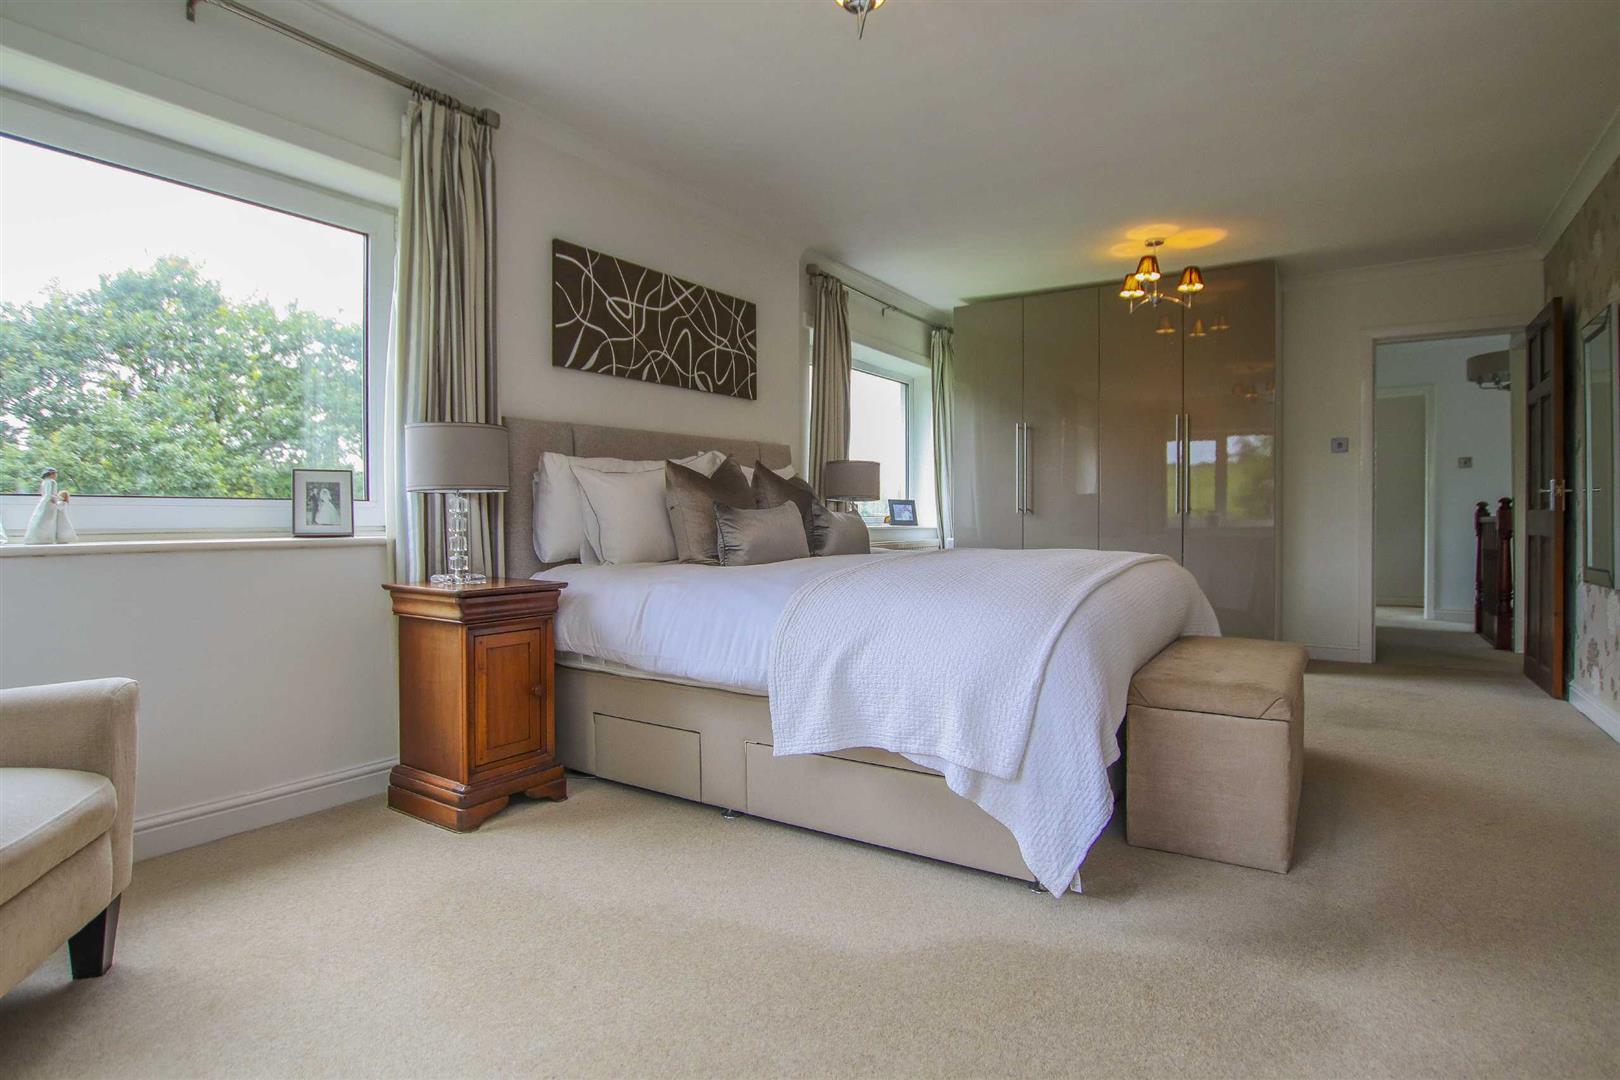 4 Bedroom Semi Detached Cottage For Sale - Image 7